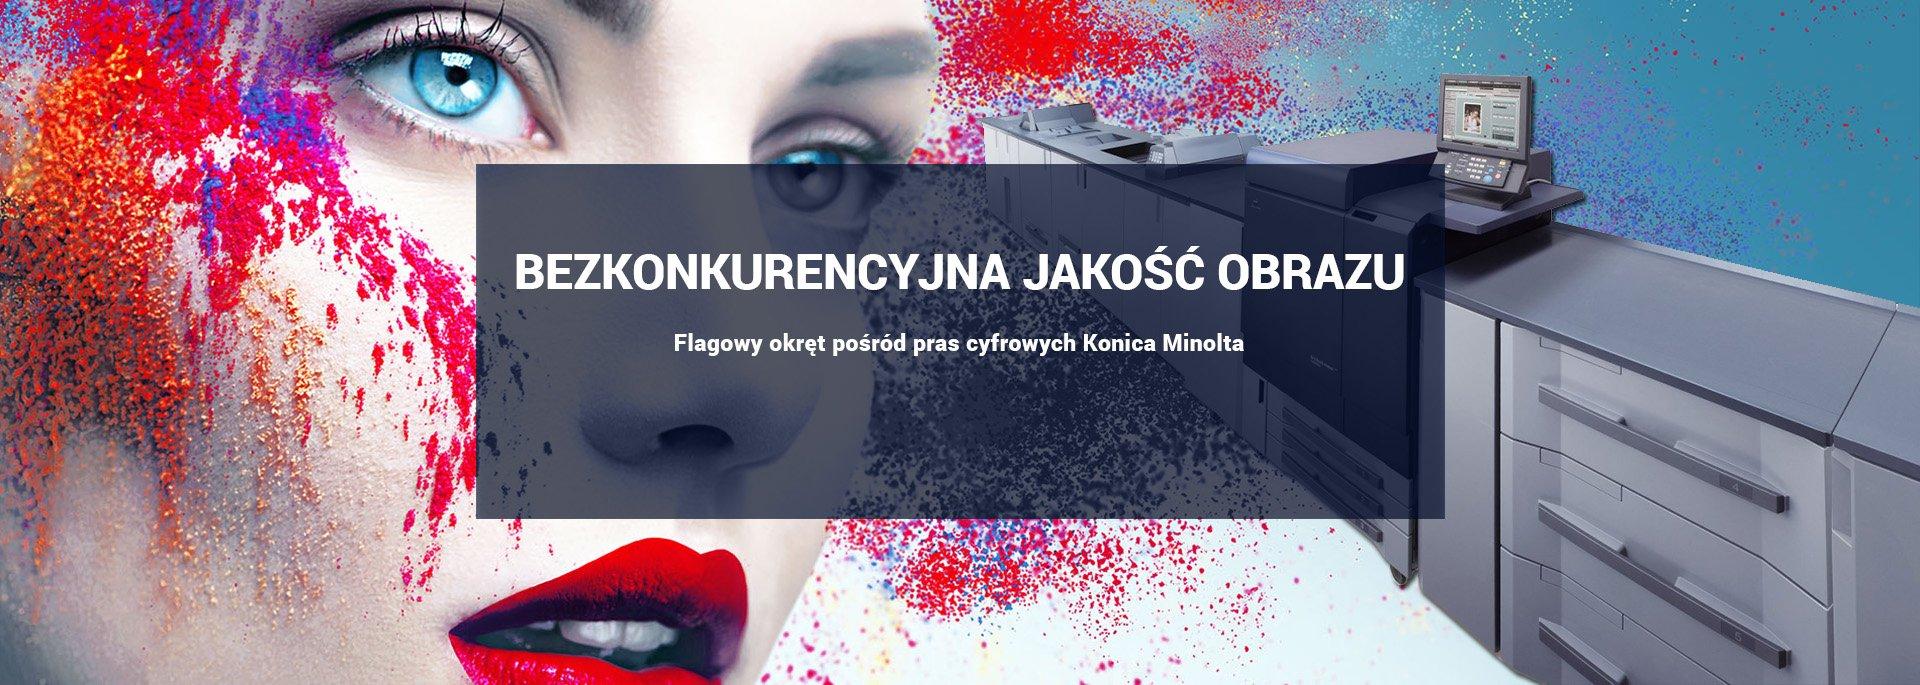 d04f52c8b Drukarnia Lublin - plakaty, ulotki, banery, wizytówki, grawerowanie i  pieczątki - ASC GLOBAL s.c.